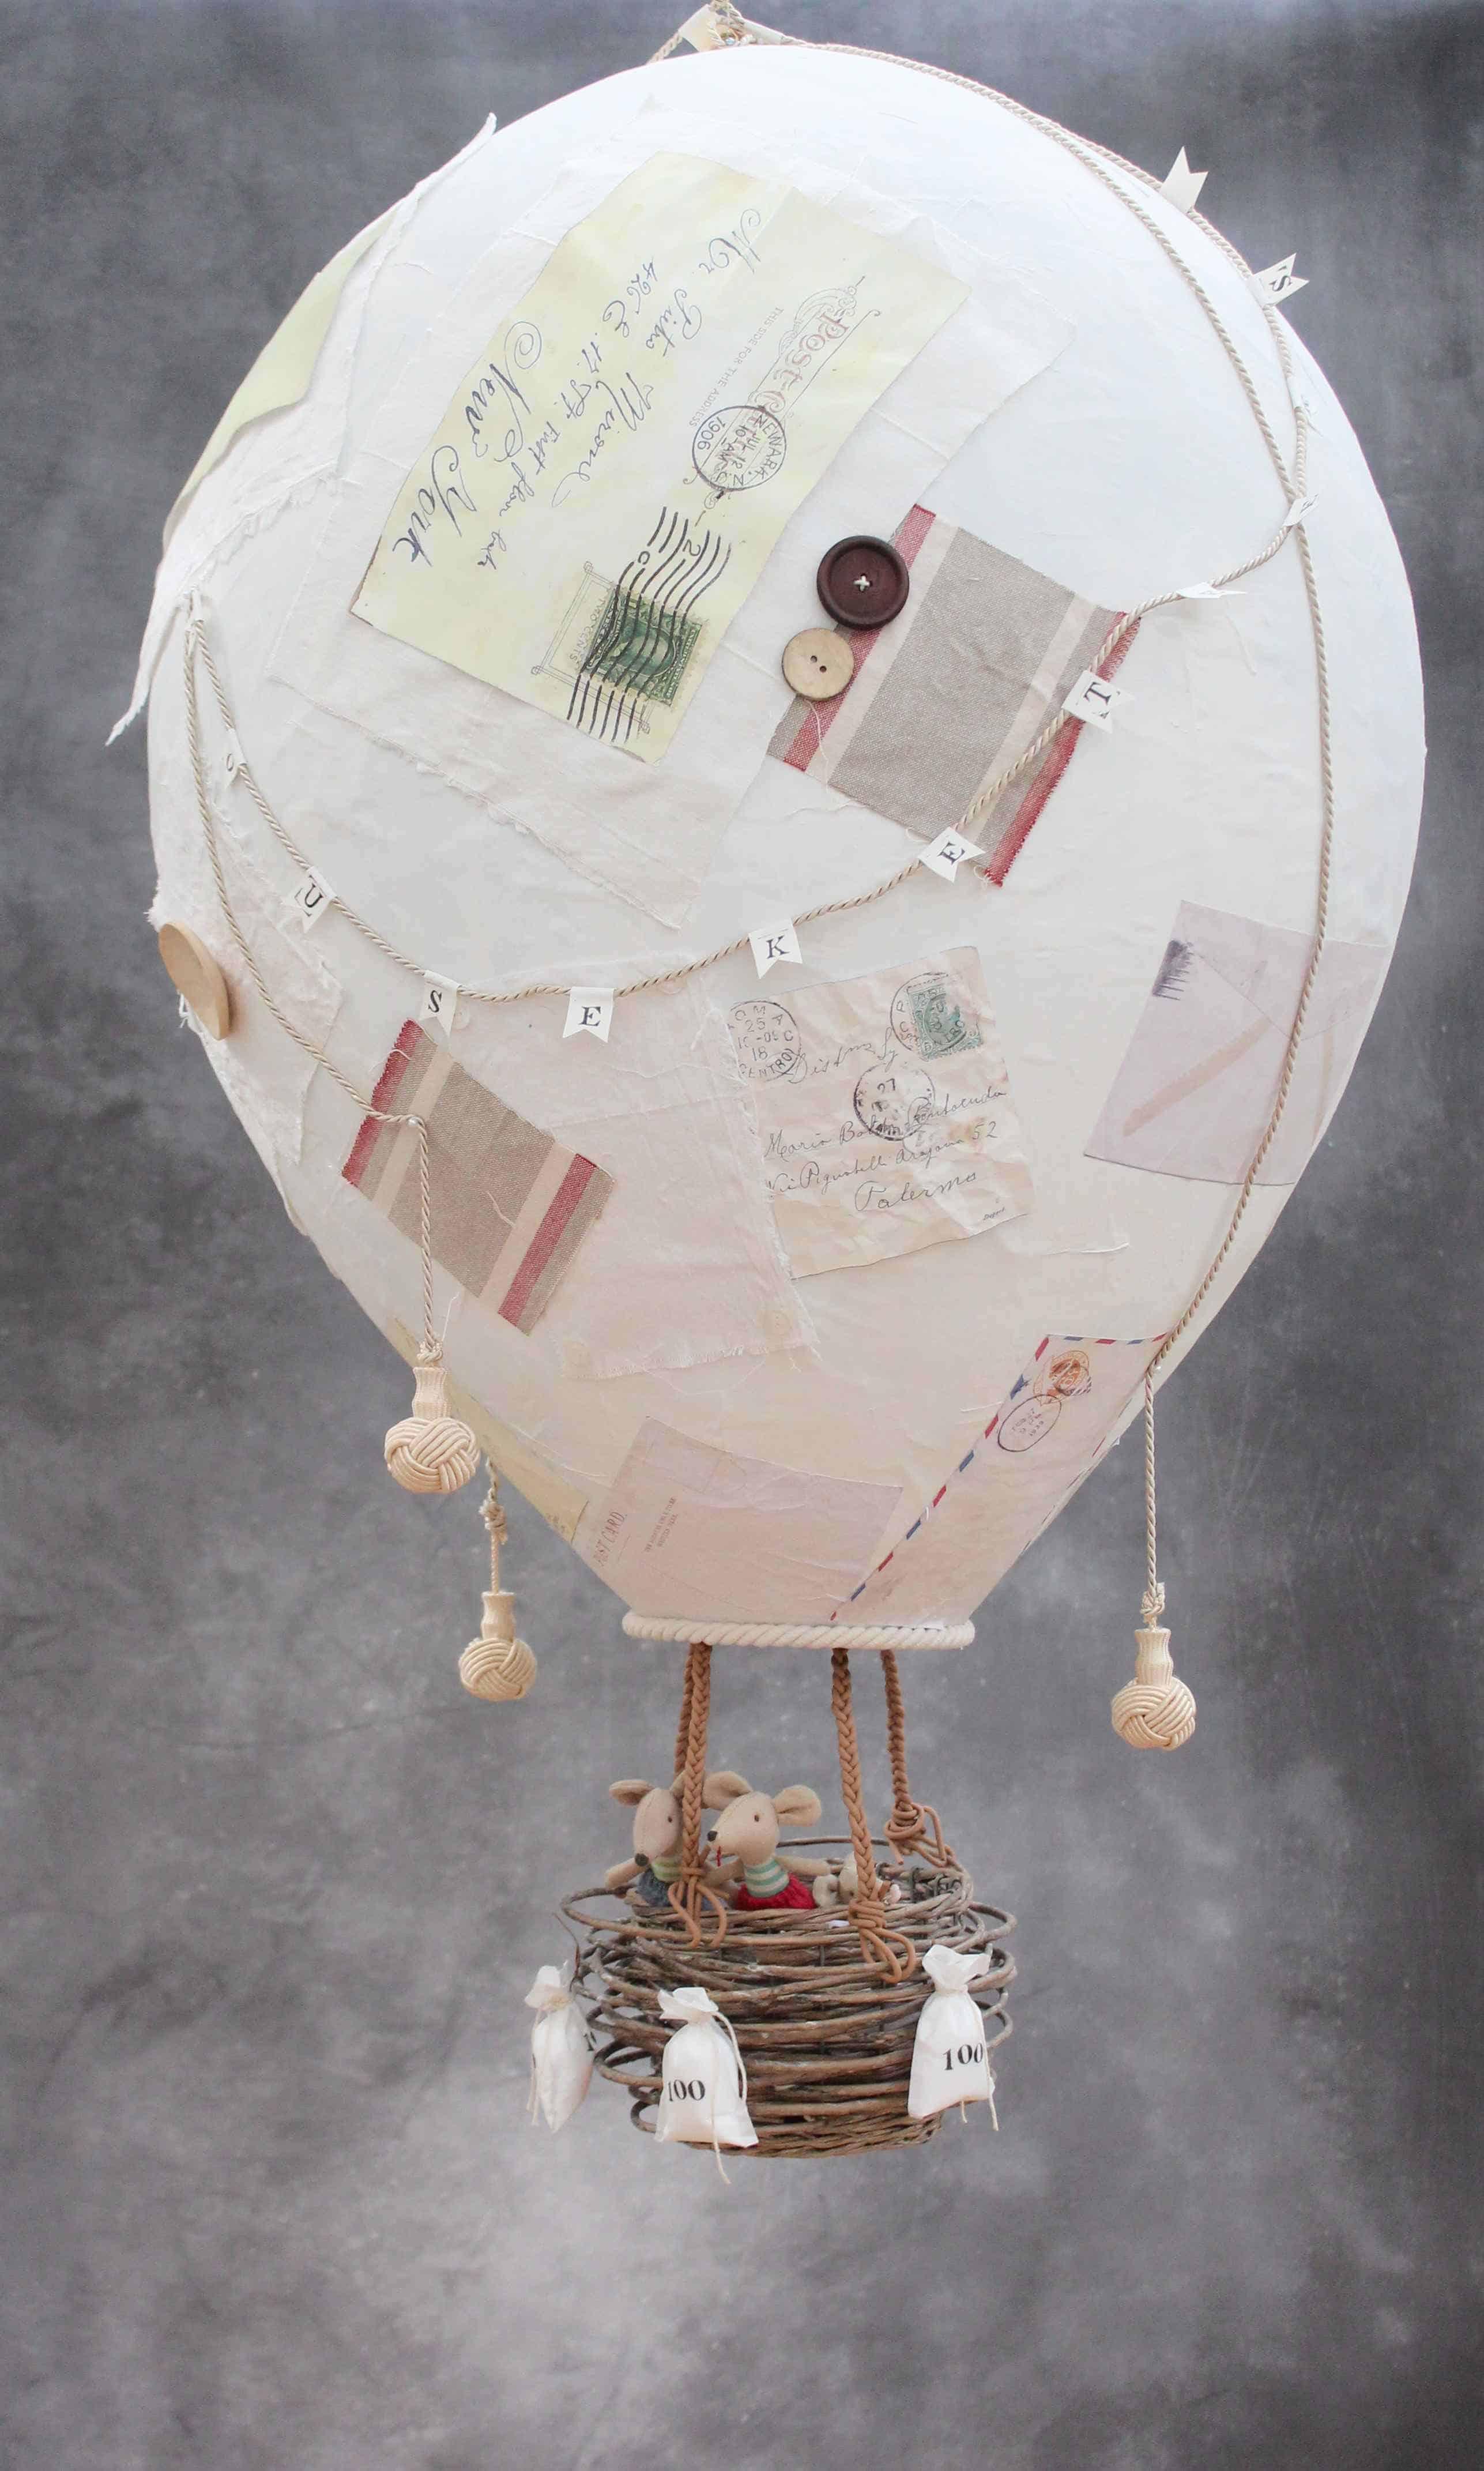 Paper mache hot air balloon